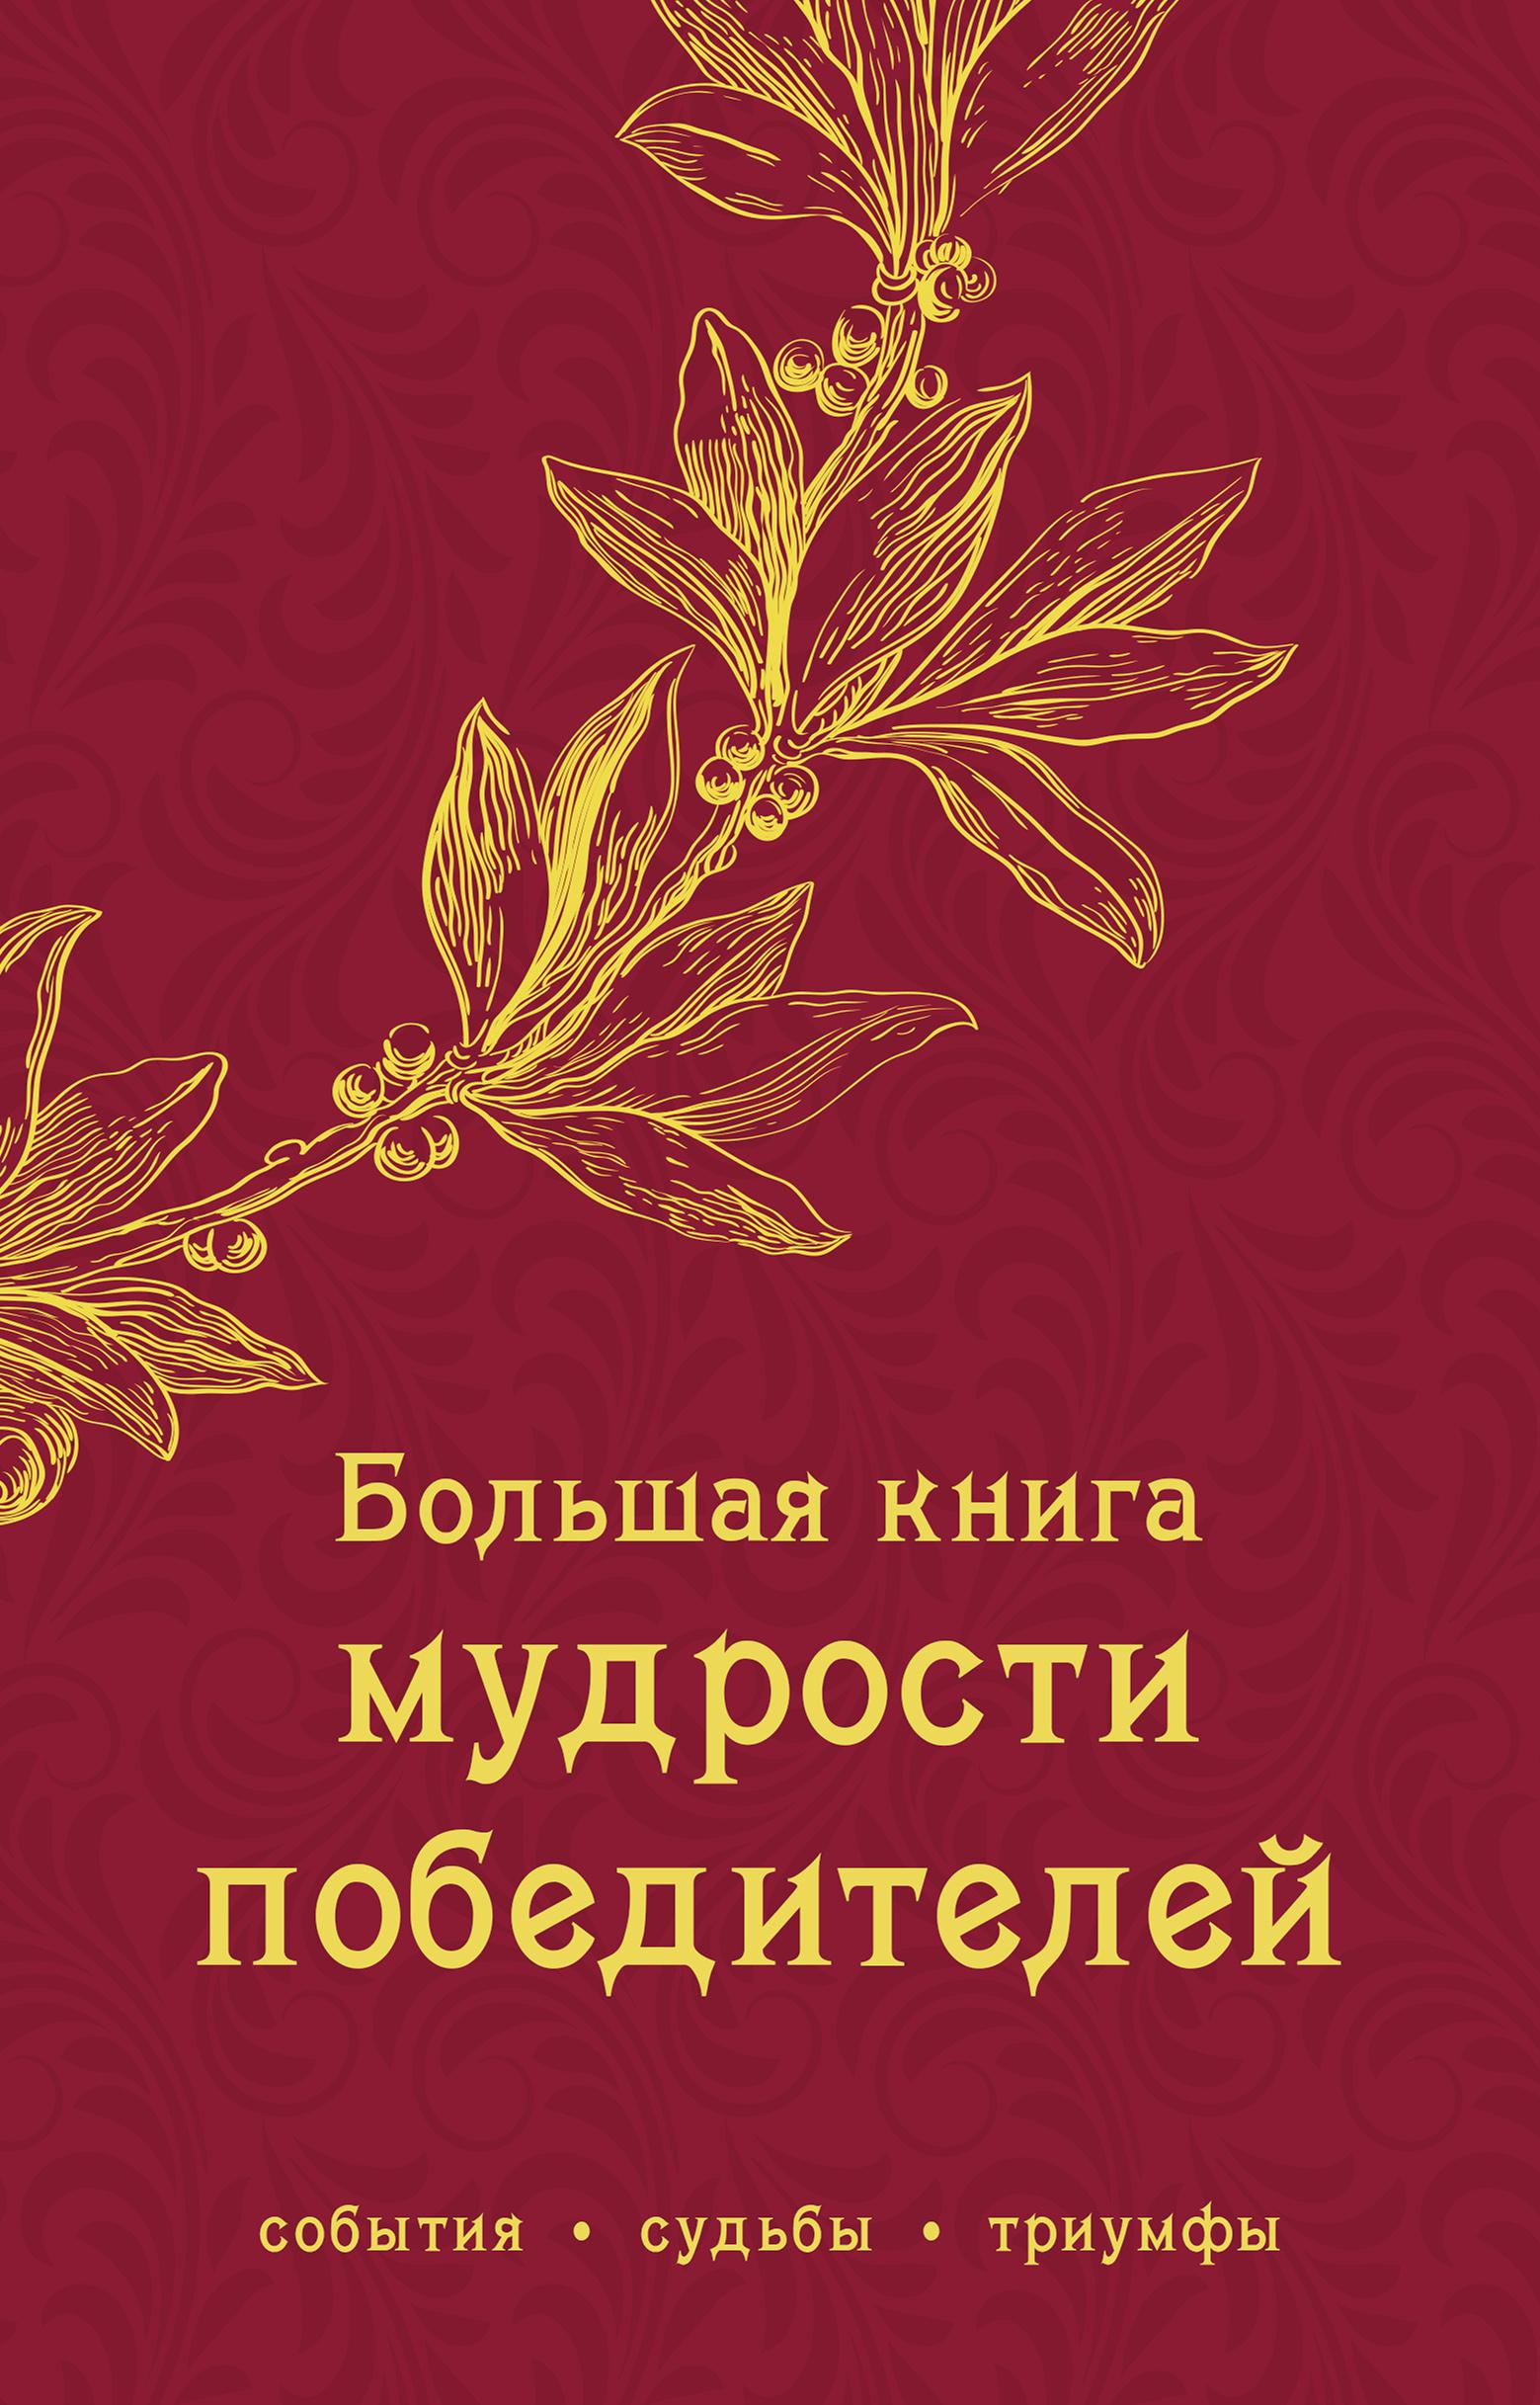 bolshaya kniga mudrosti pobediteley